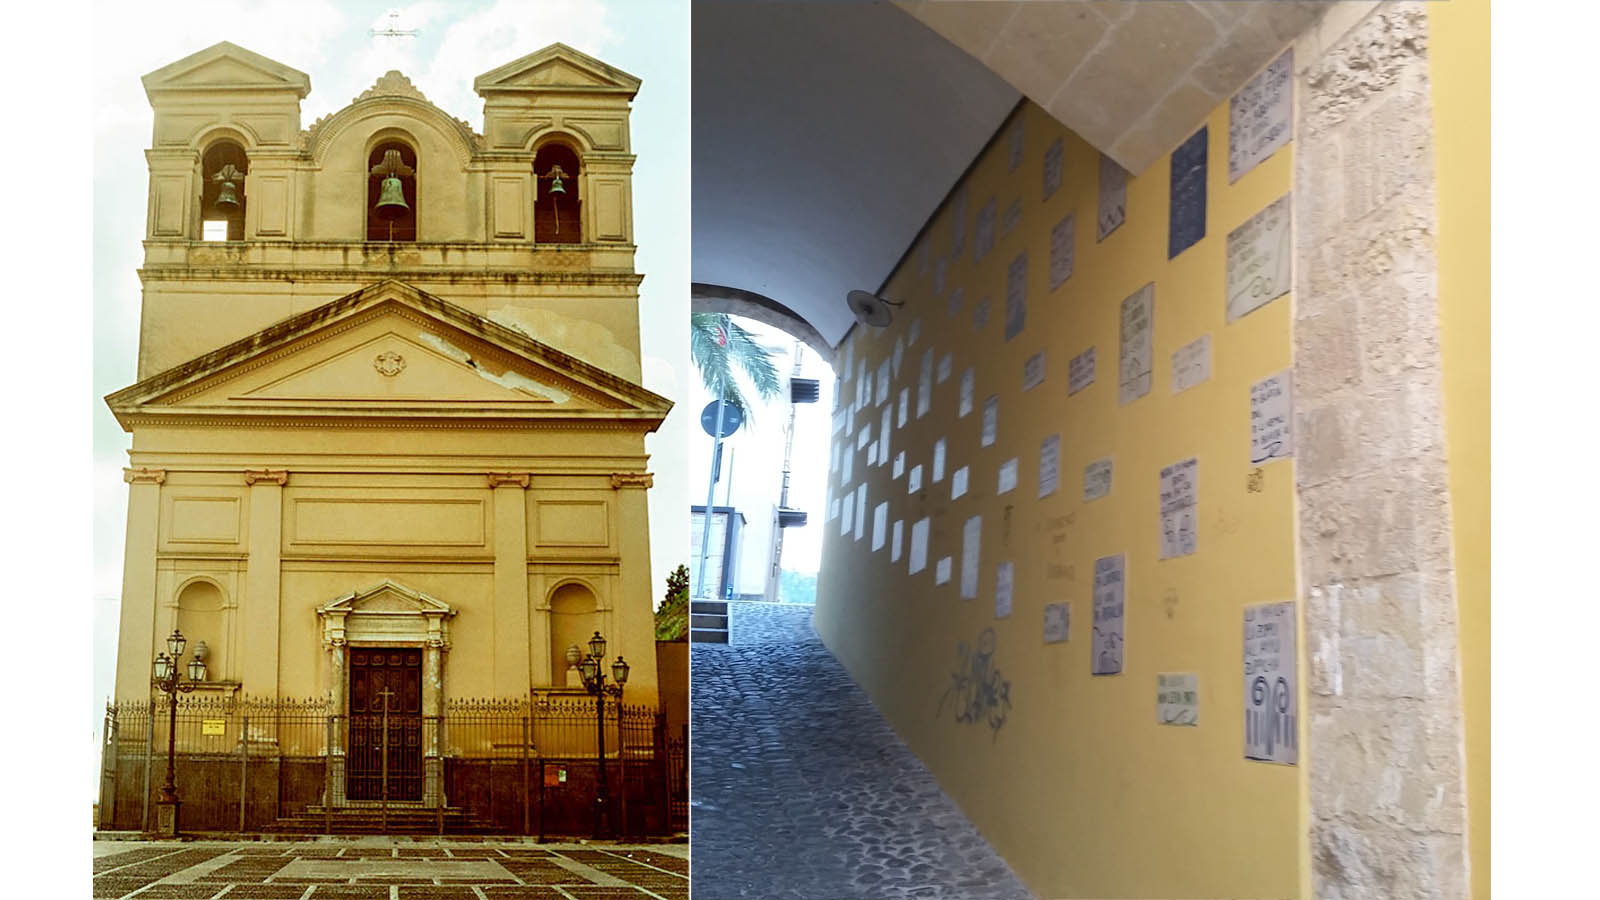 Chiesa Madre, Foto E.Rossi Vicolo Dei Pensieri, Foto ReHu